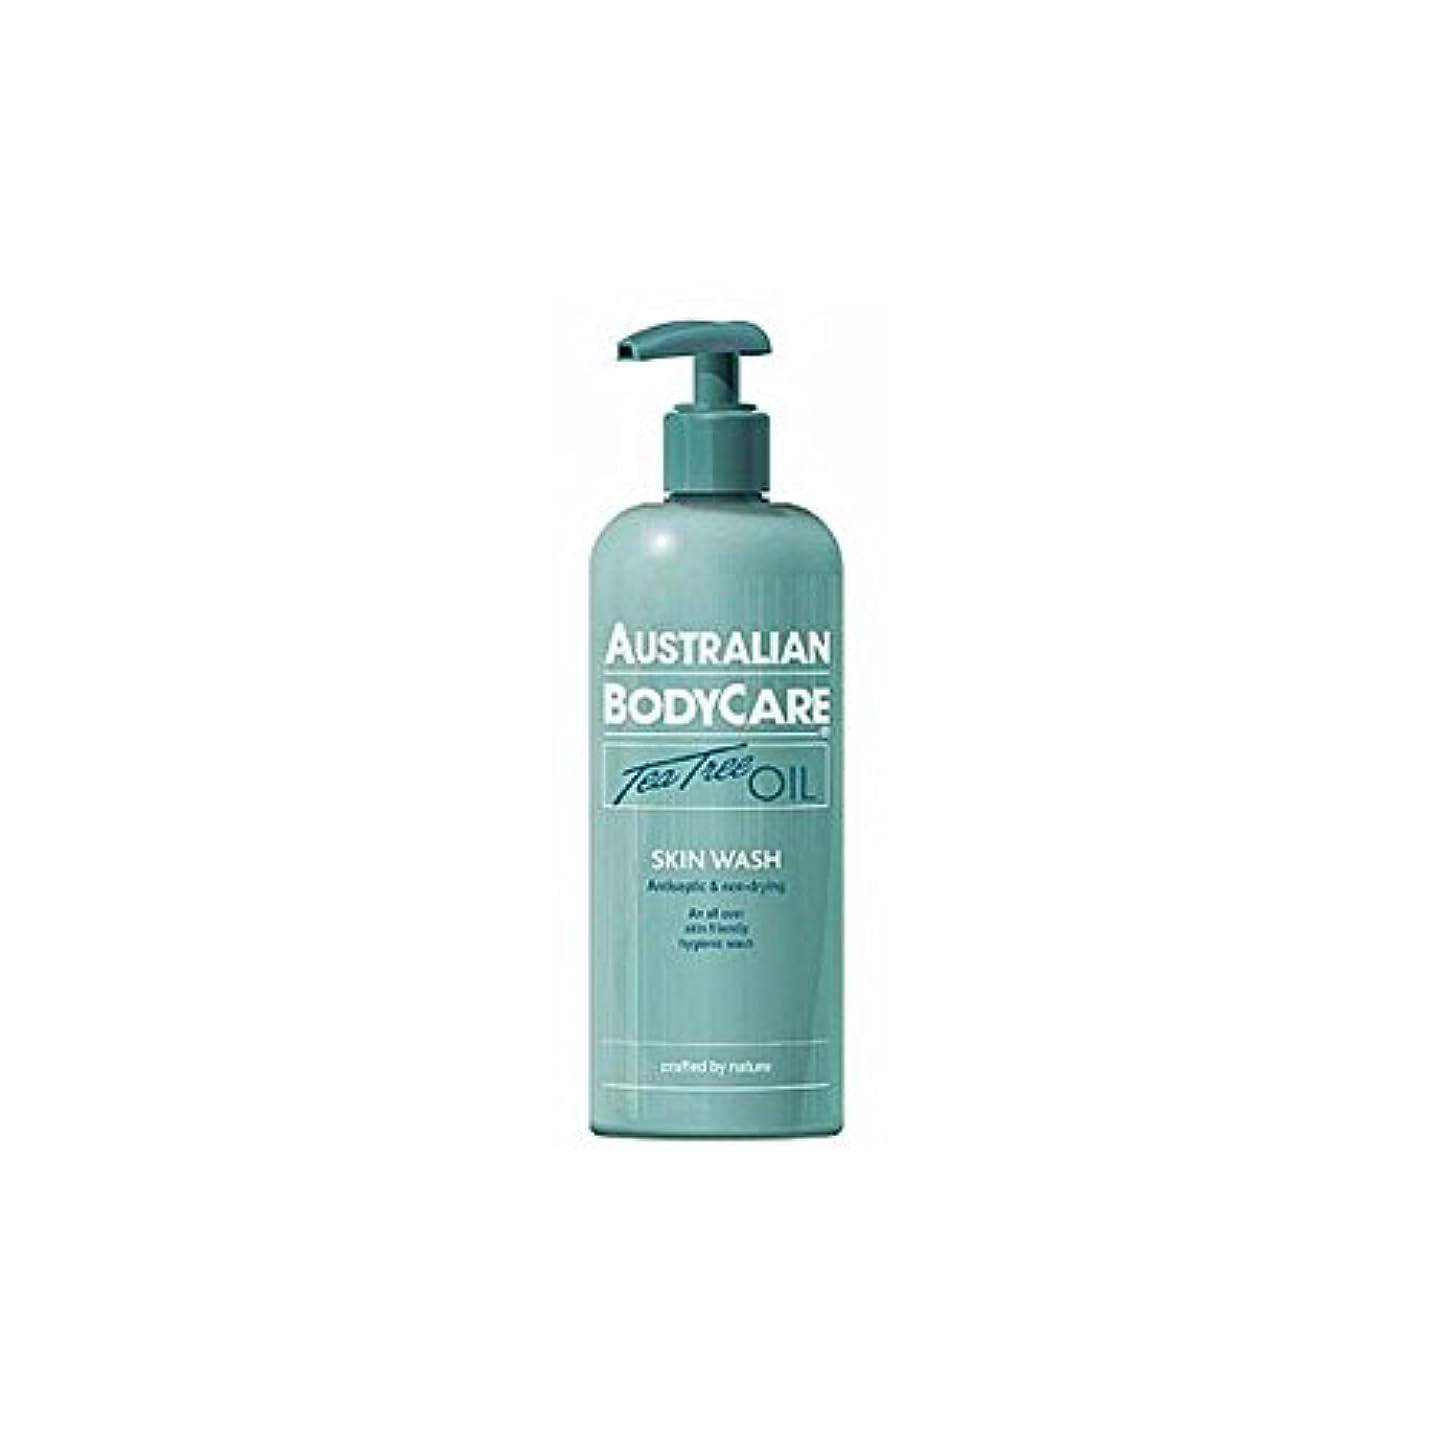 ありがたいインスタンス枯渇オーストラリアのボディケアスキンウォッシュ(500ミリリットル) x2 - Australian Bodycare Skin Wash (500ml) (Pack of 2) [並行輸入品]